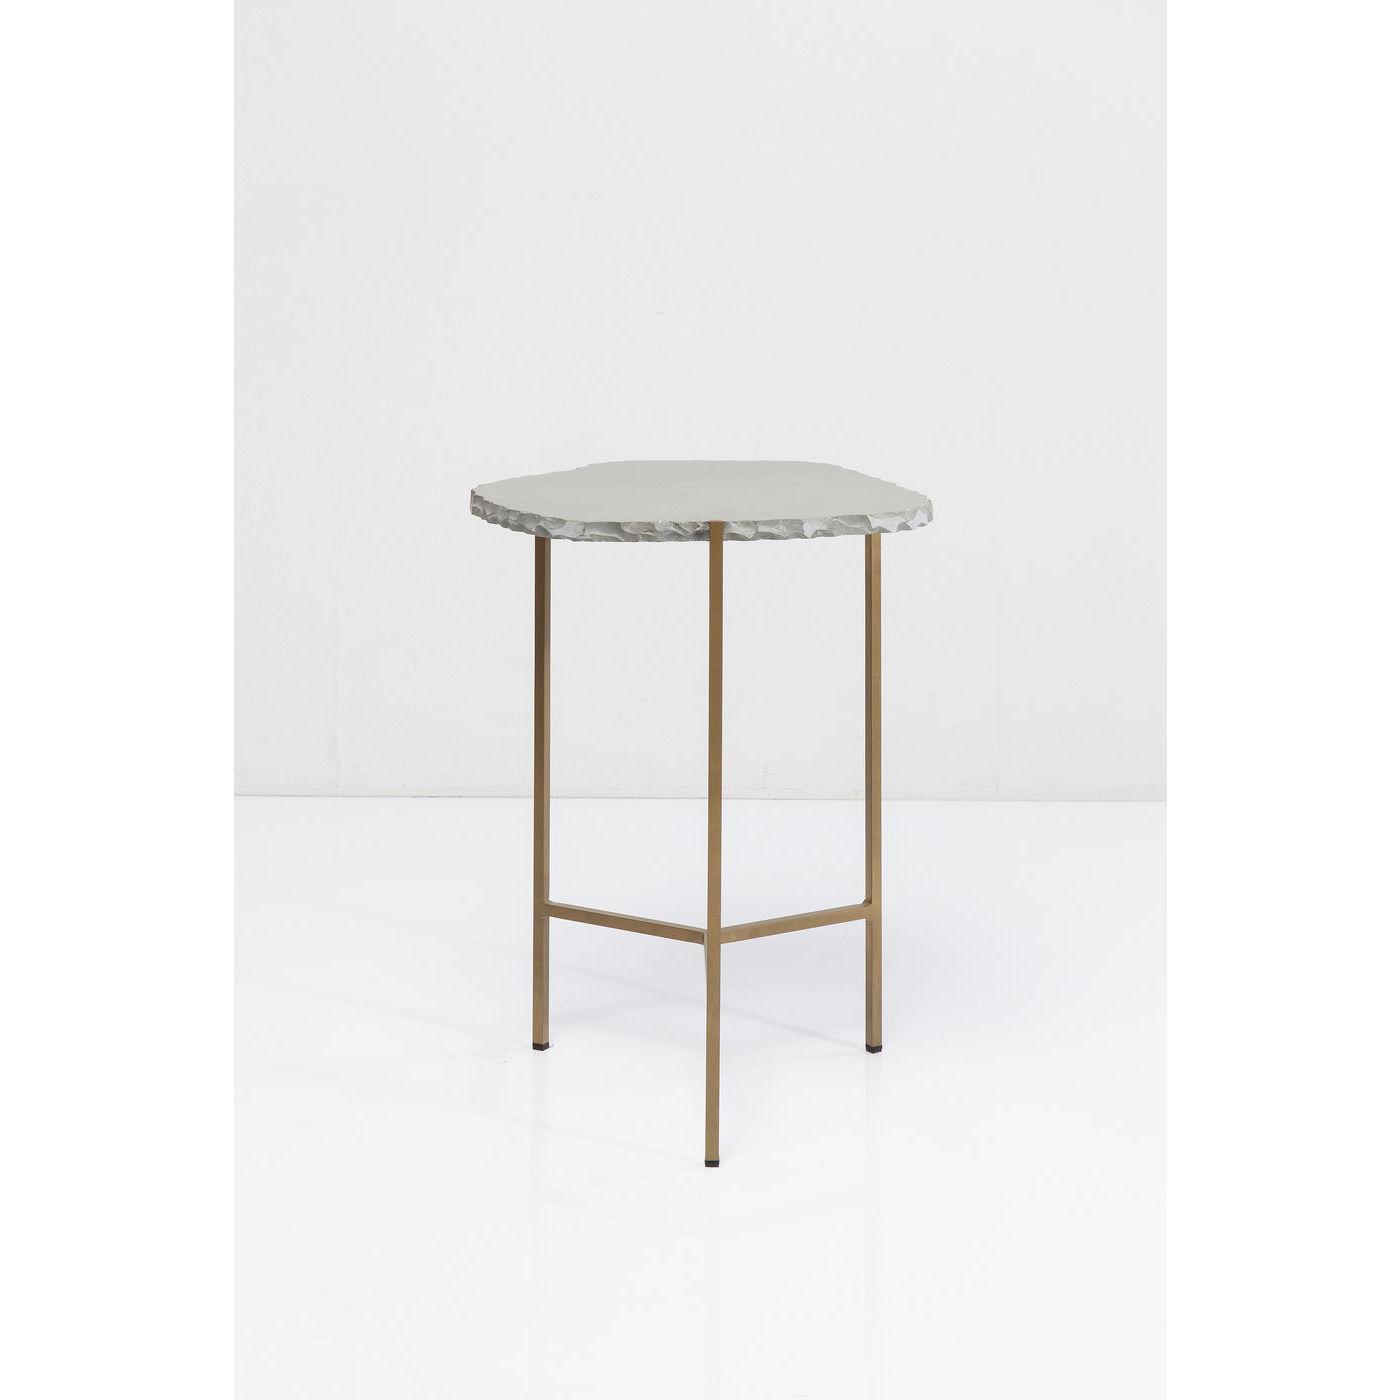 kare design Kare design piedra grey sidebord - grå skifer/guld stål på boboonline.dk